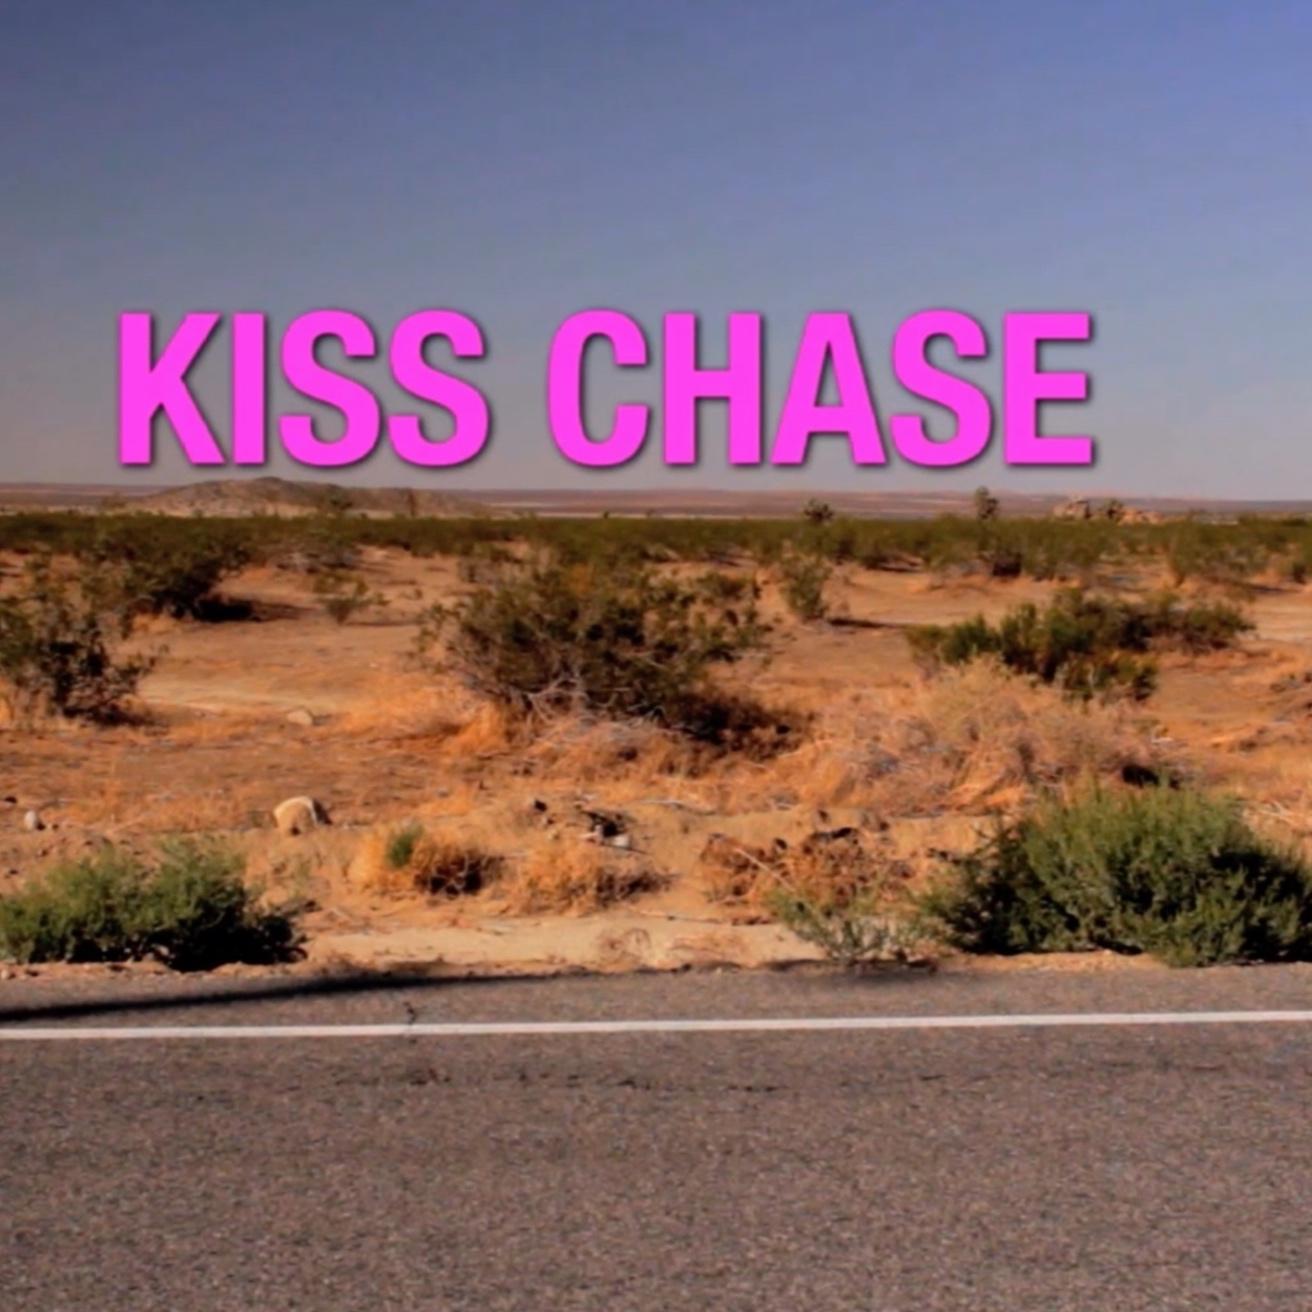 KissChase.jpg